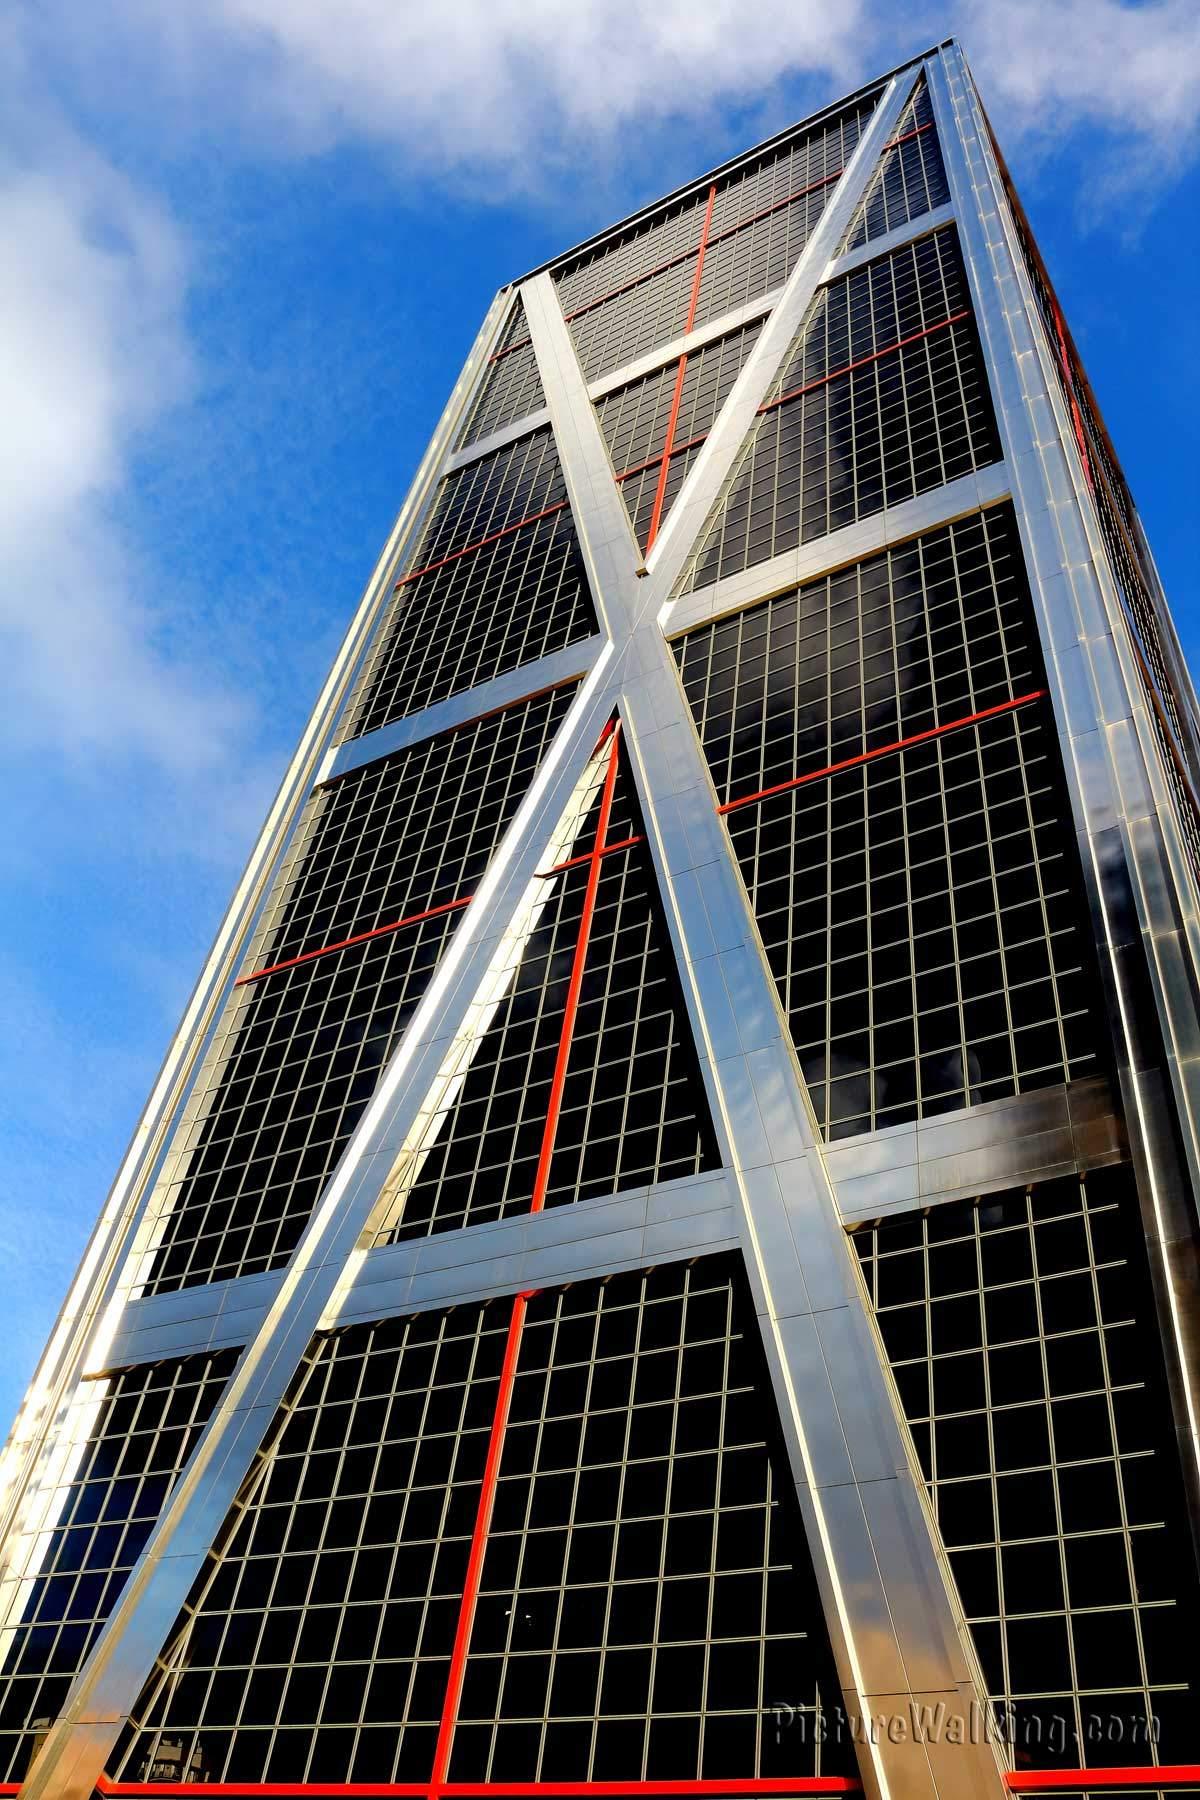 Uno de las torres de Puerta de Europa (Torres Kio)